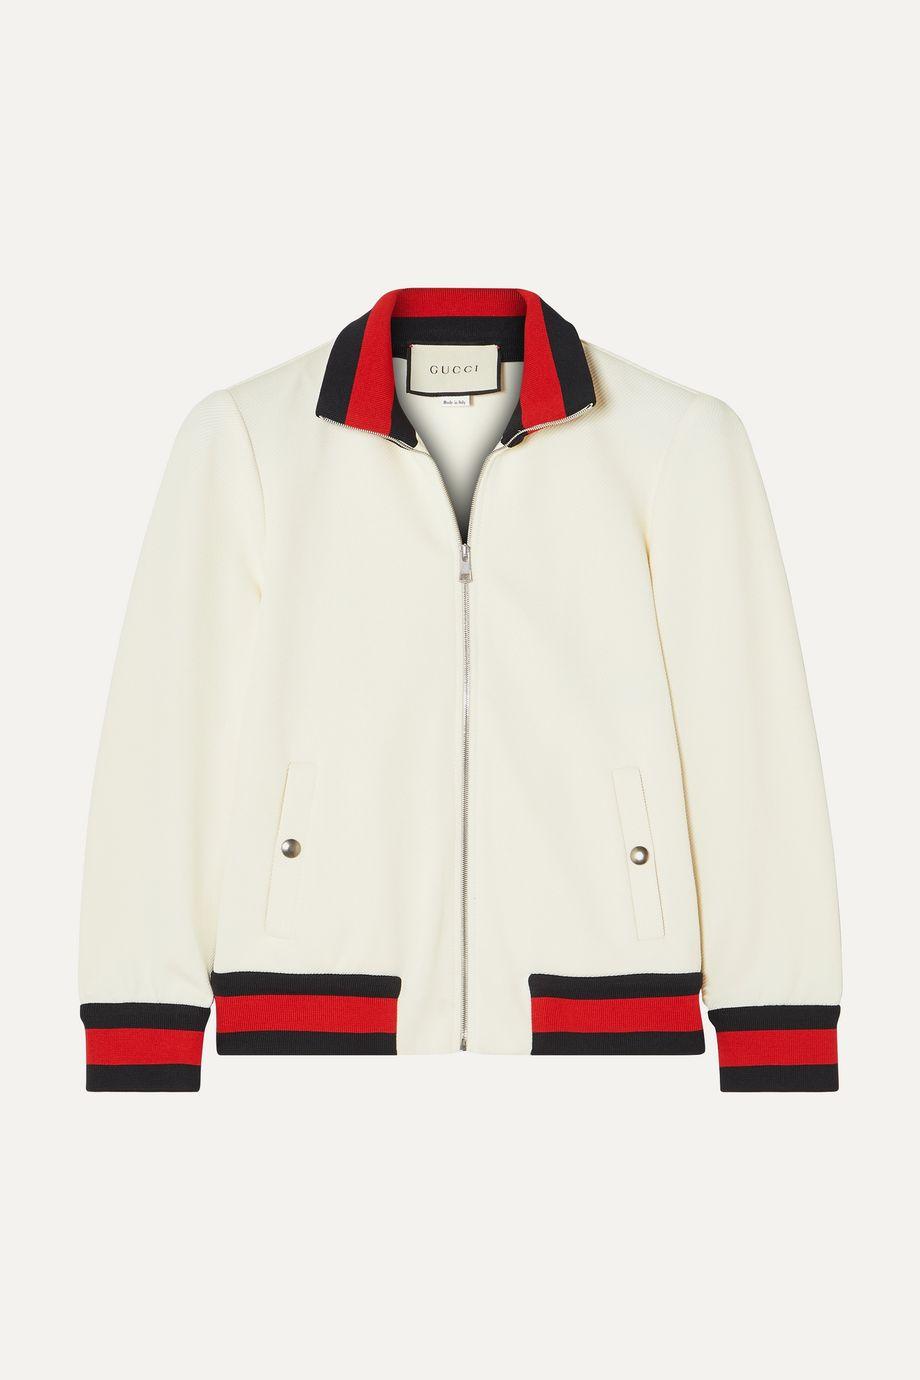 Gucci 条纹斜纹布飞行员夹克